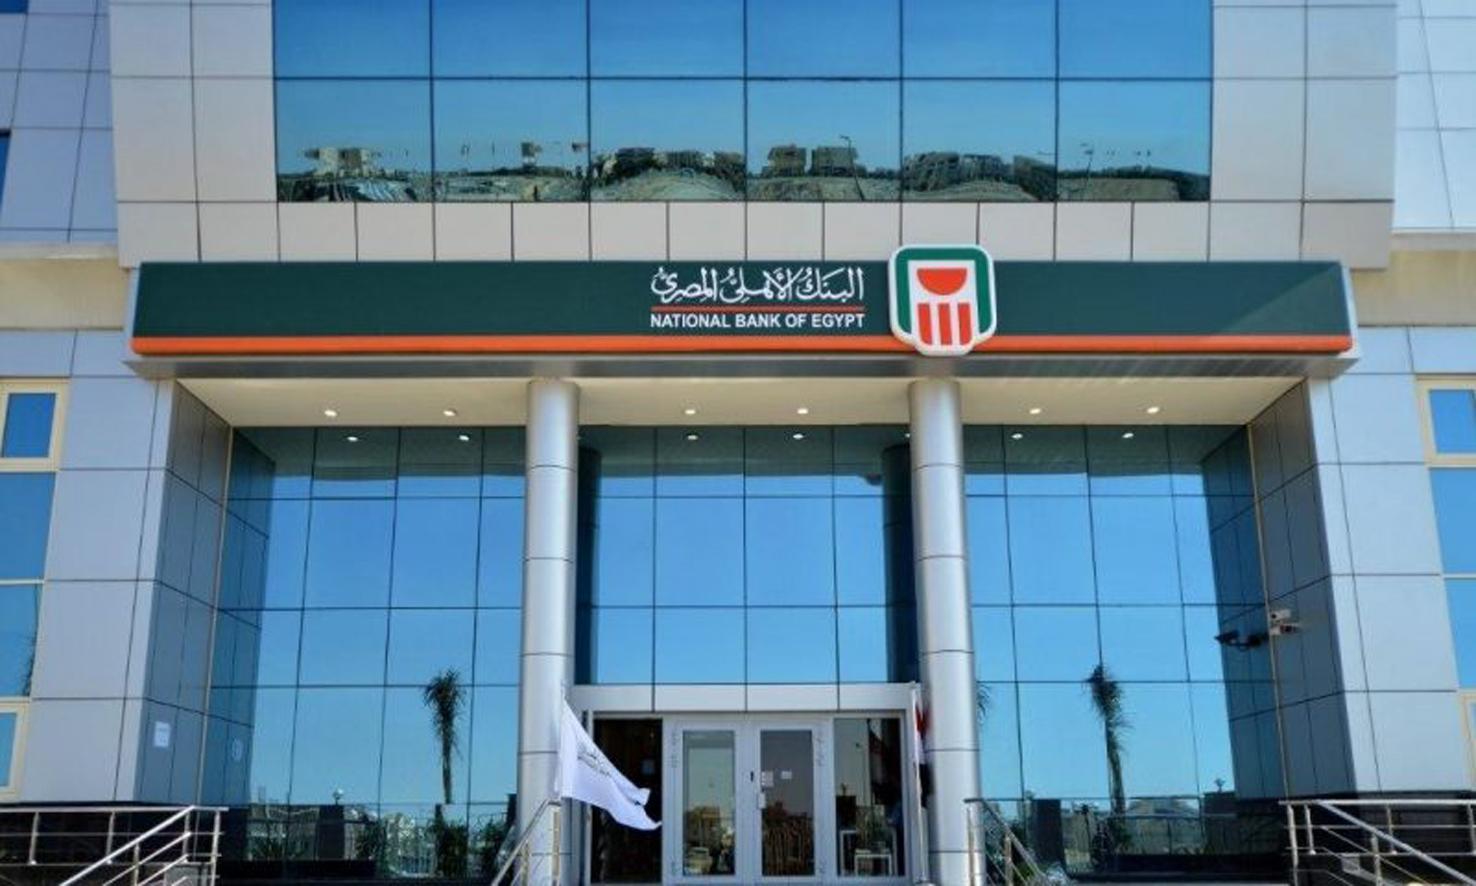 مواعيد عمل البنك الاهلي المصري والأجازات الرسمية 2020